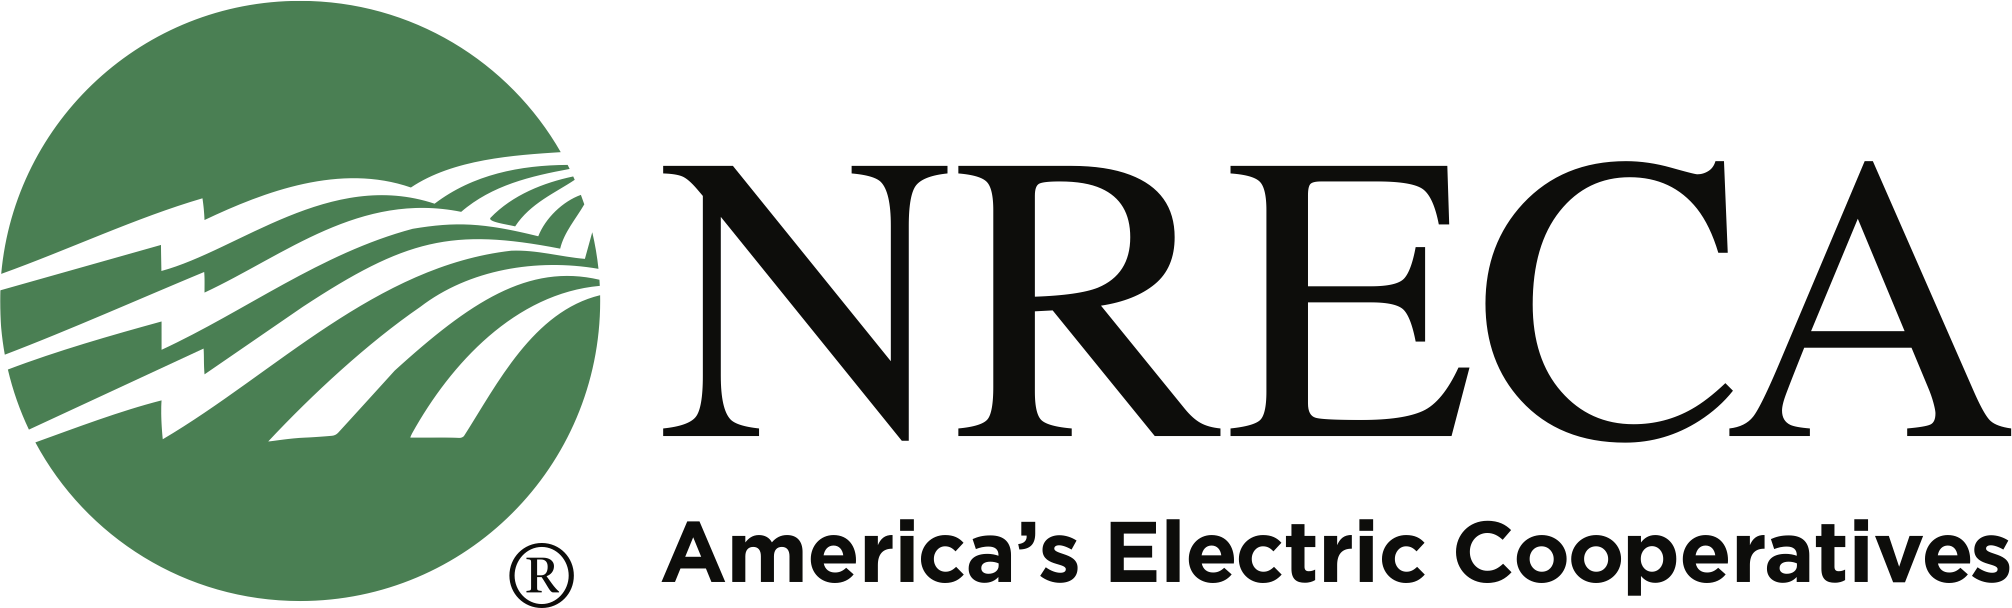 NRECA_Logo_CMYK_INVESTED.png